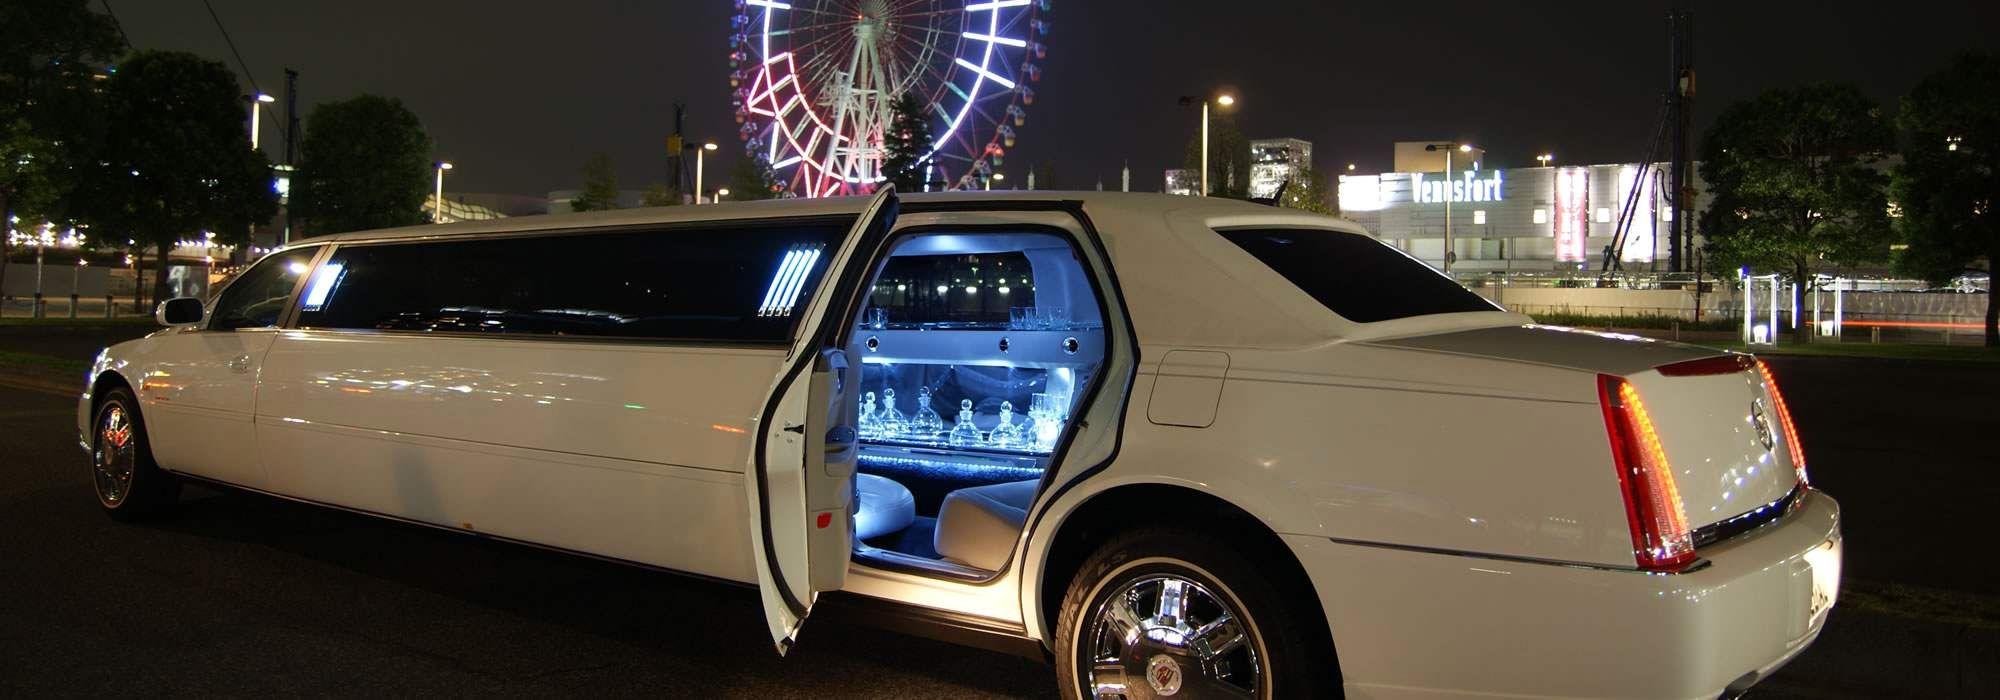 Location limousine lyon pas cher